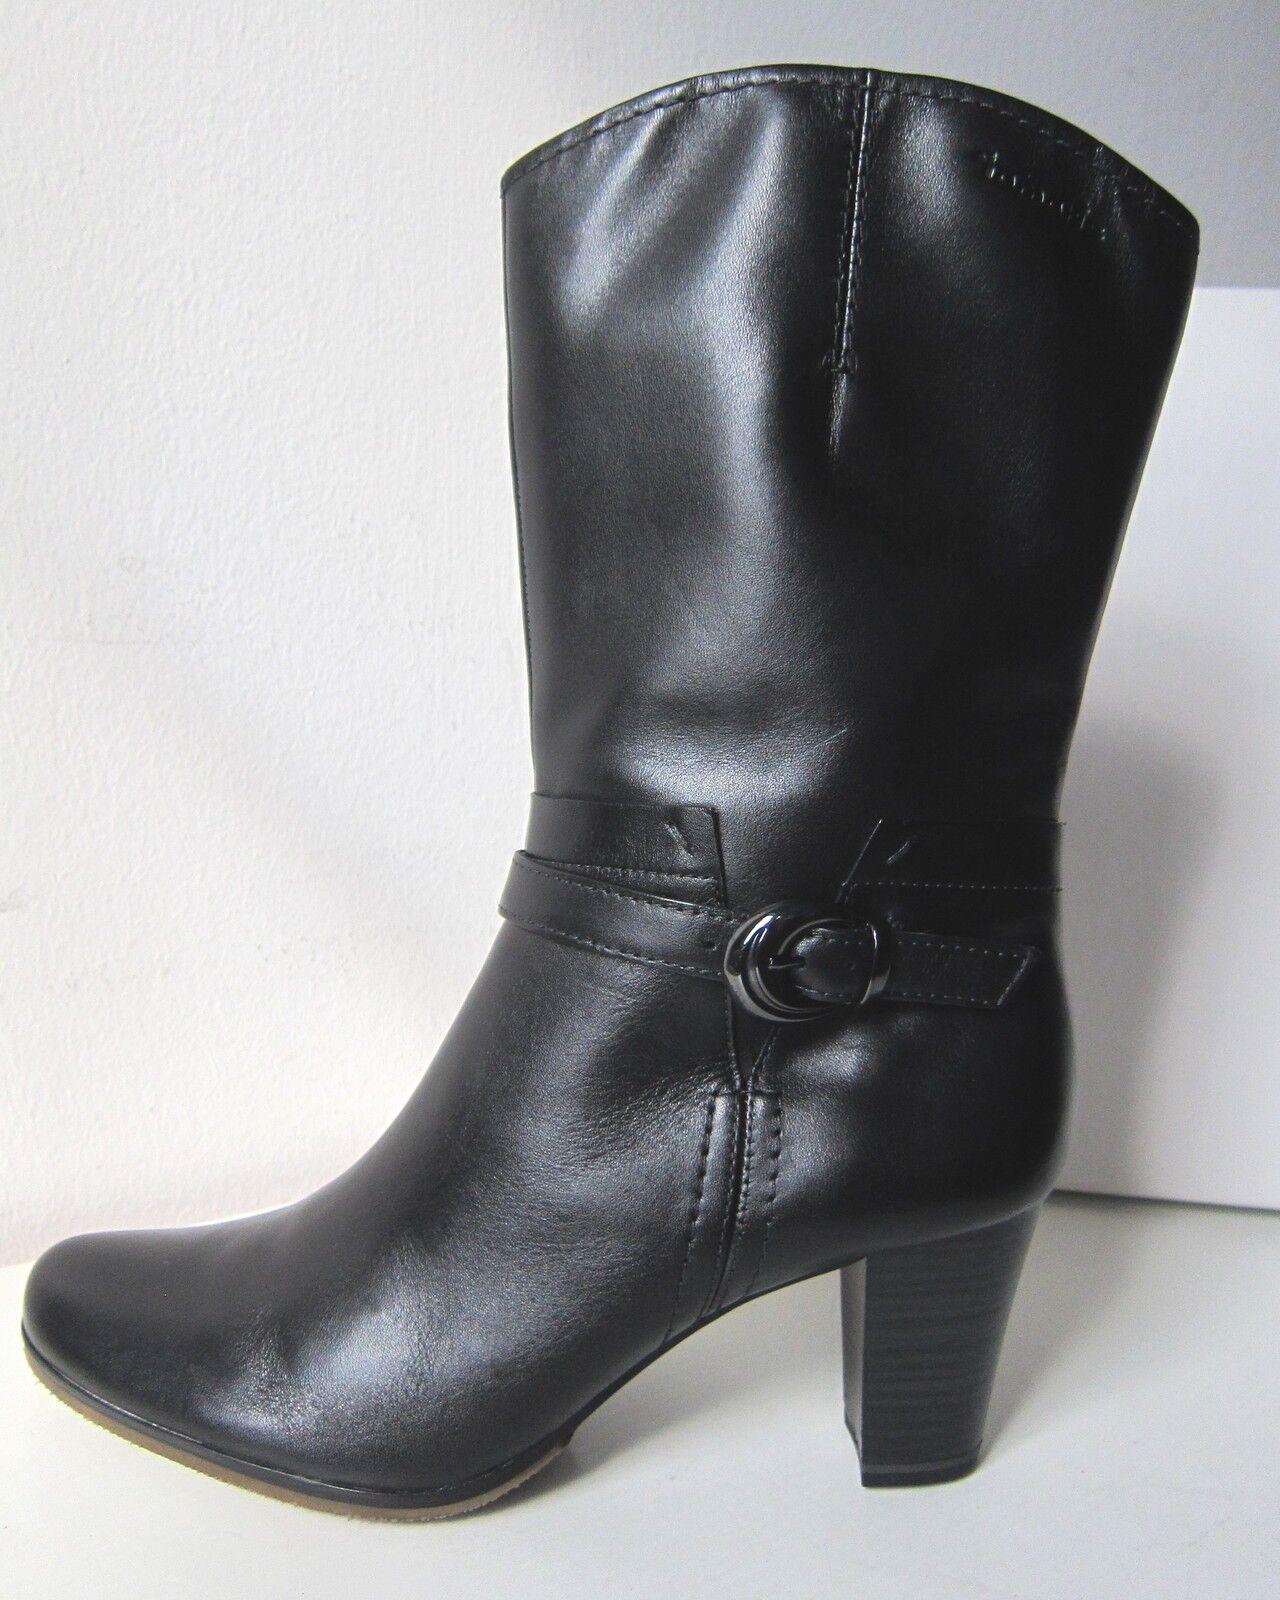 Tamaris halbhohe Stiefel Stiefeletten black Gr 37 boots bootee black 3 4 hoch